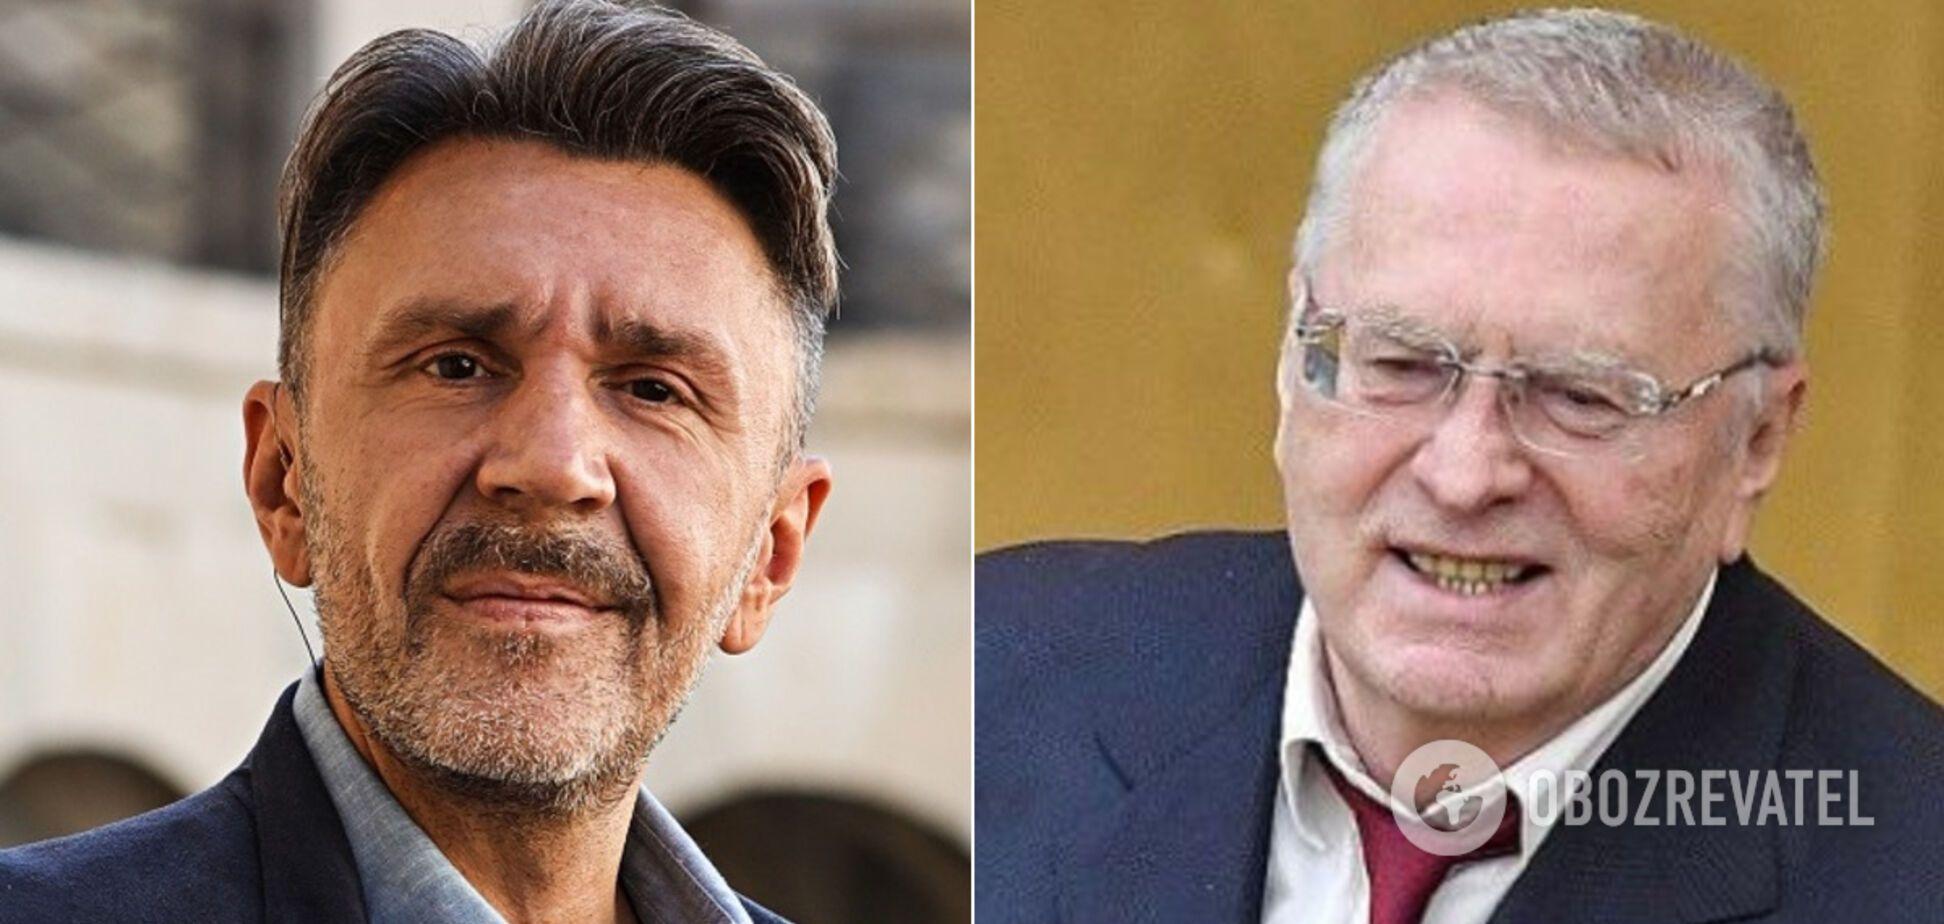 Шнуров гневно обозвал Жириновского: скандал из-за Крыма получил продолжение